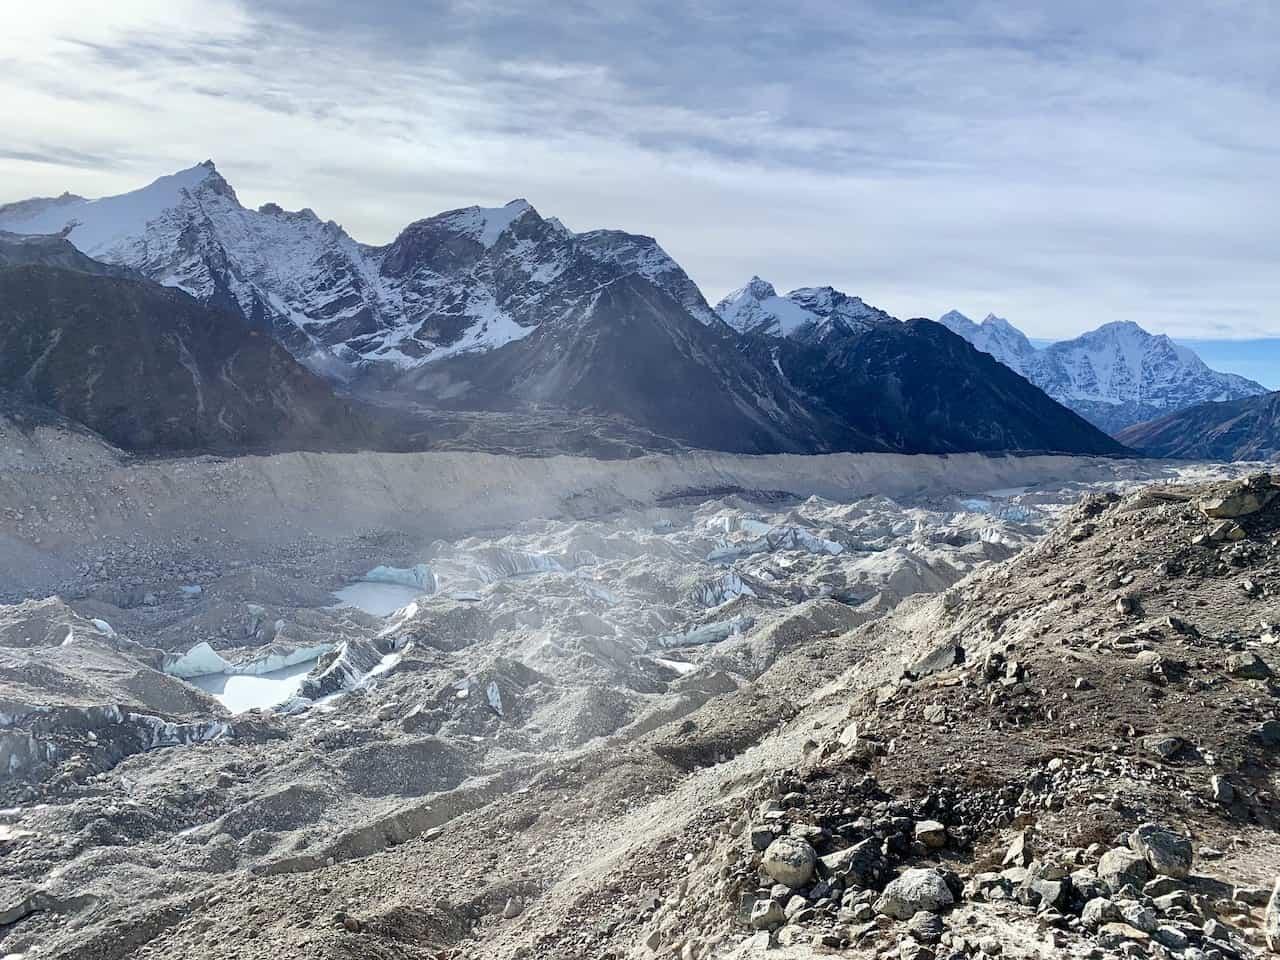 Khumbu Glacier Gorak Shep